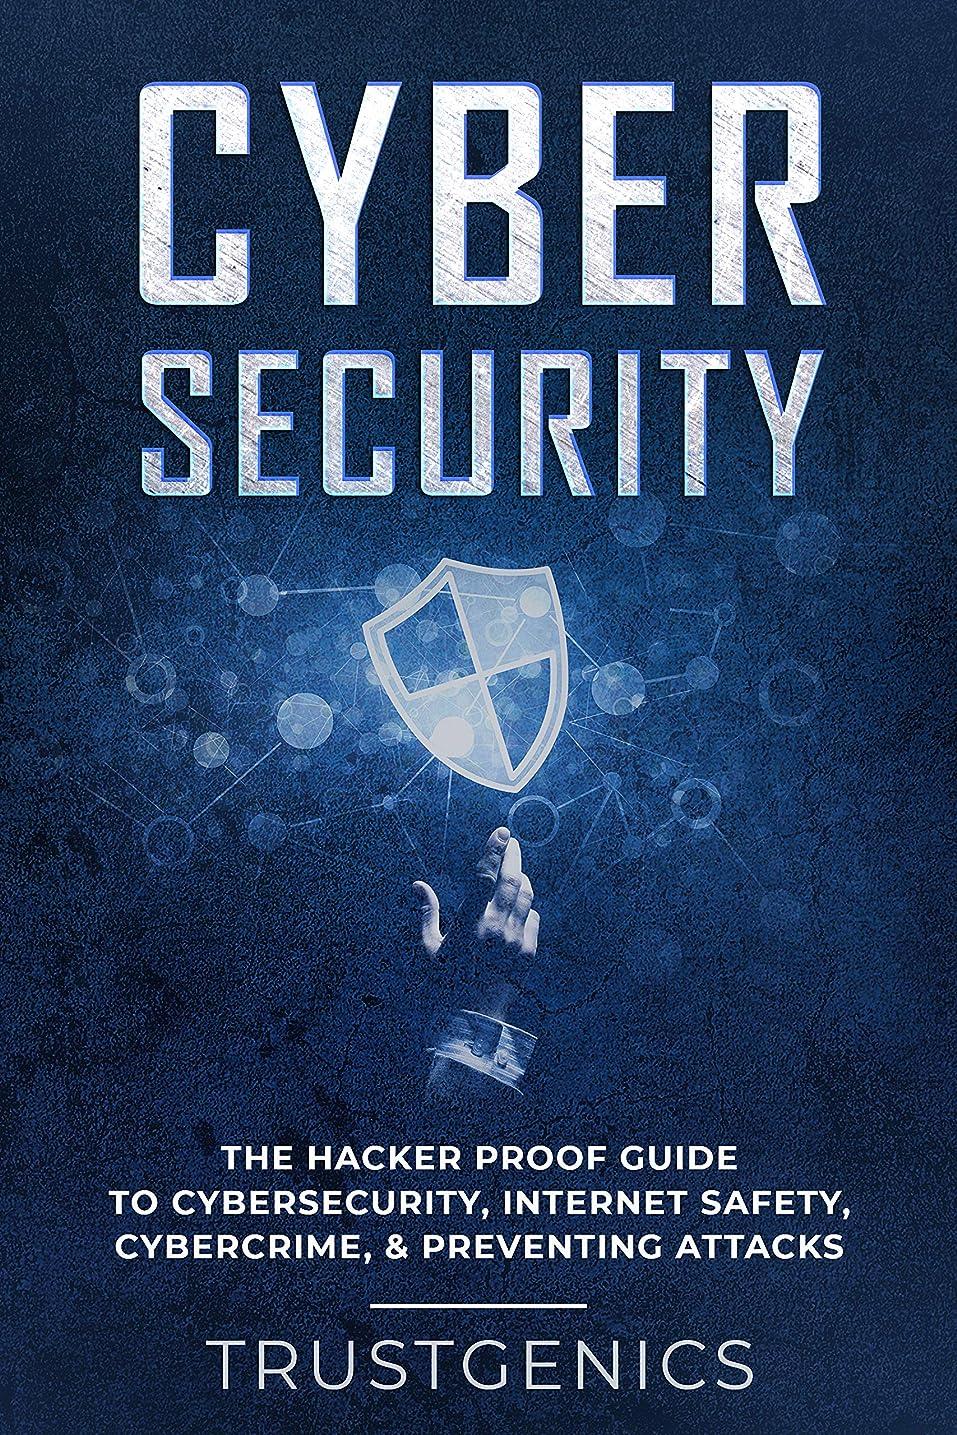 タクト治療ソフトウェアCybersecurity: The Hacker Proof Guide To Cybersecurity, Internet Safety, Cybercrime, & Preventing Attacks (English Edition)